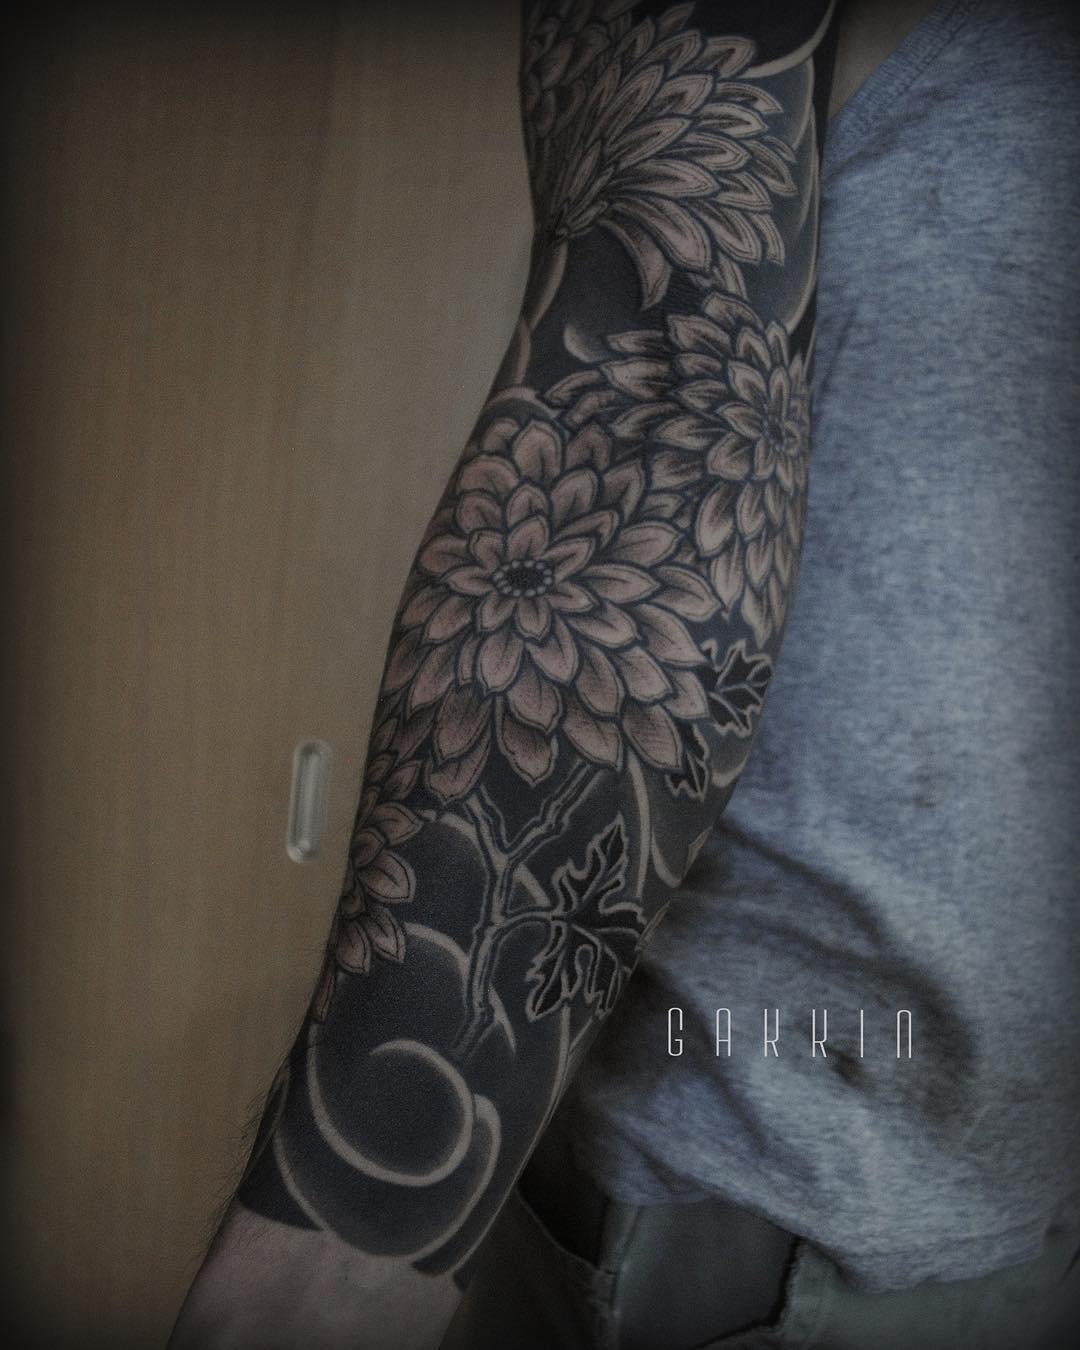 Flowers Tattoo Black Arm Tattoo Tattooed Tattoos: Ideas For Best Tattoos: Sleeve Tattoos